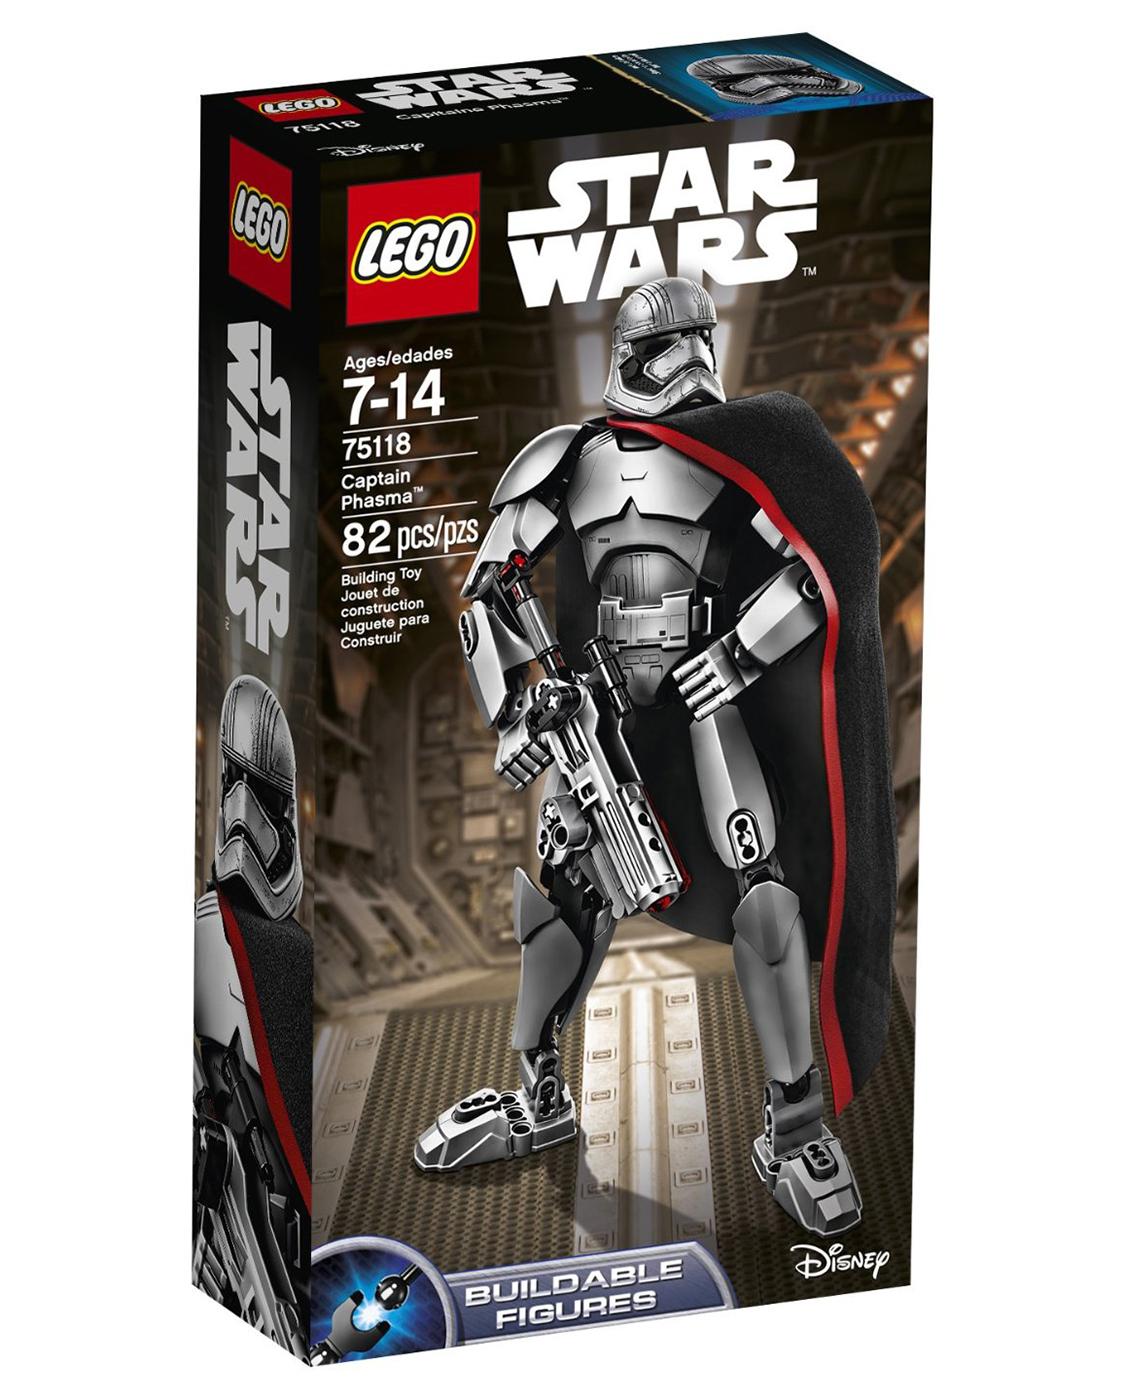 Lego star wars 75118 pas cher capitaine phasma - Bd lego star wars ...